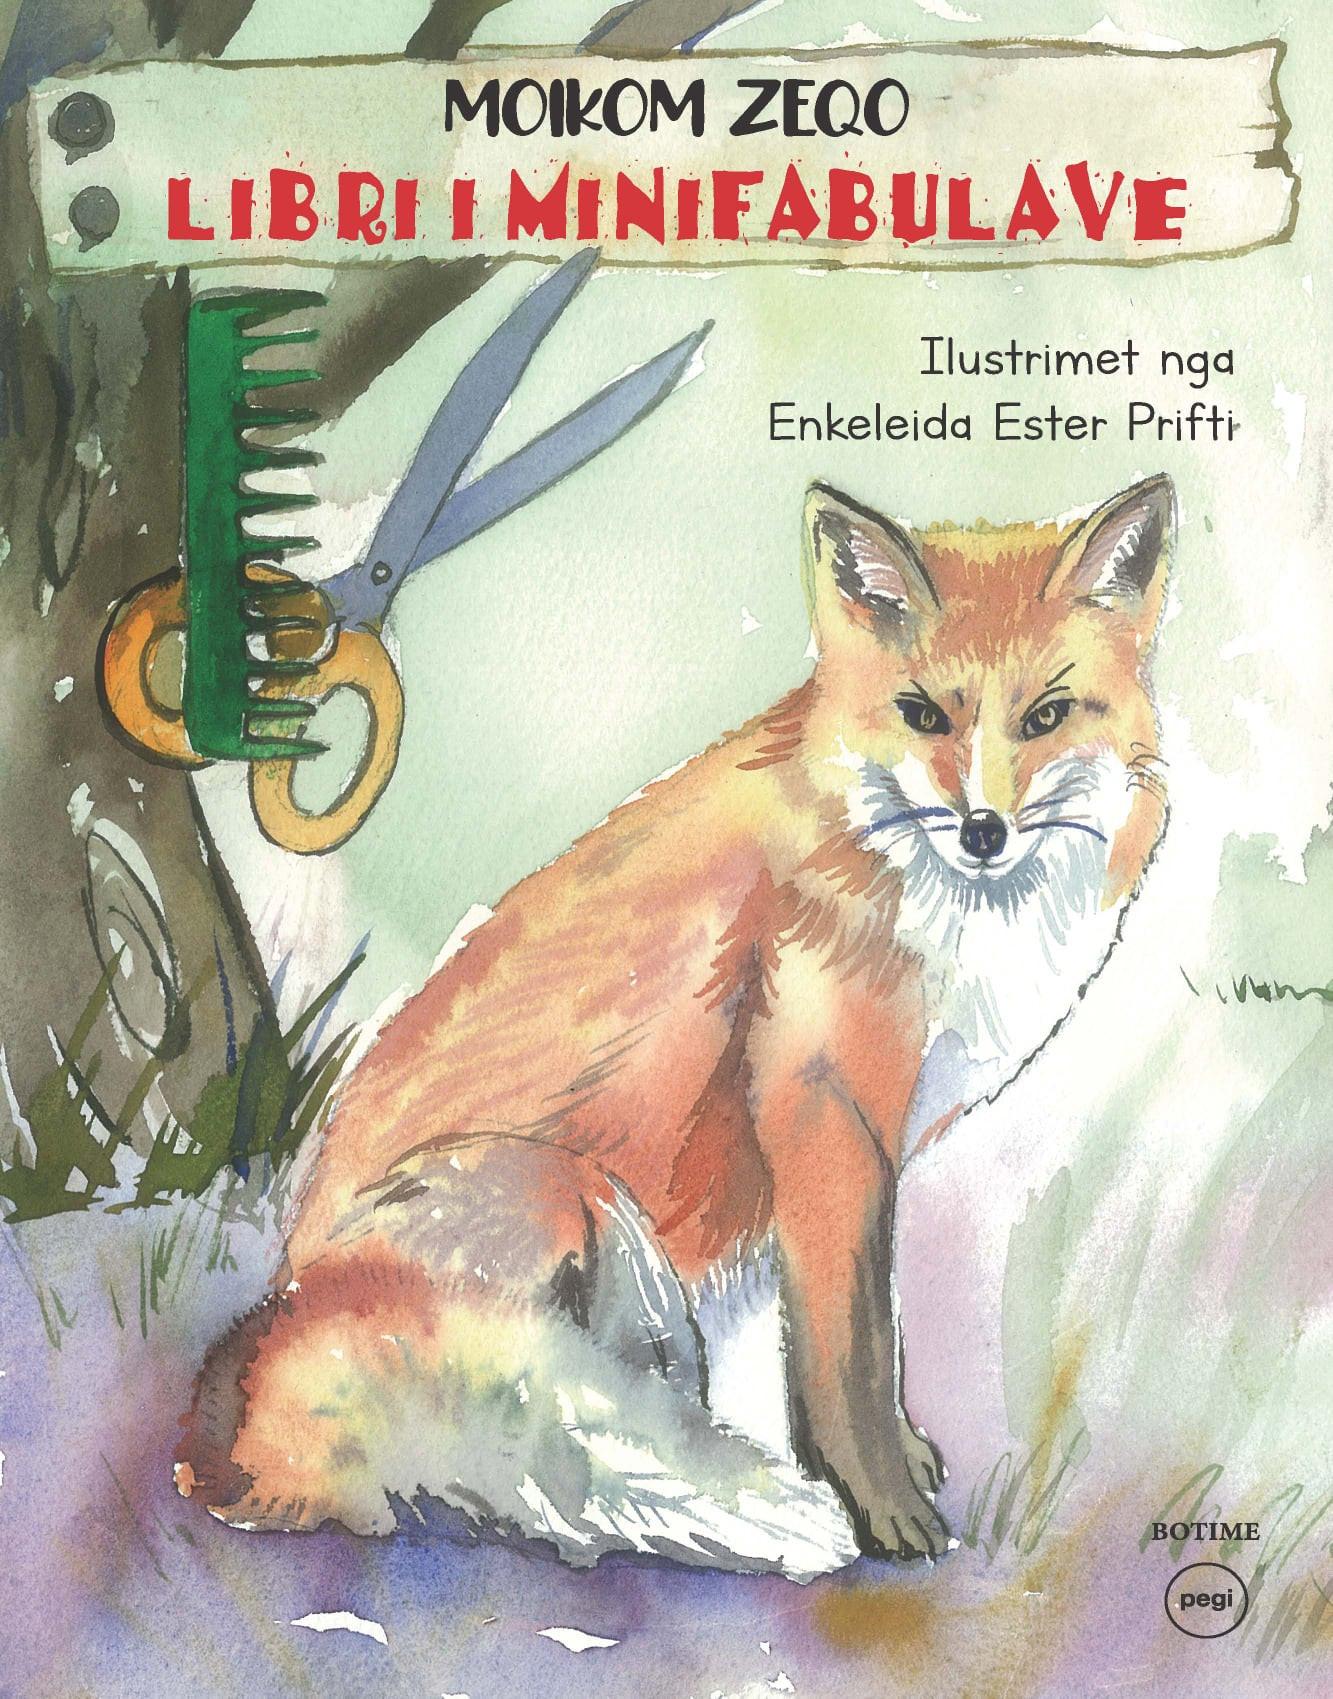 Libri i minifabulave